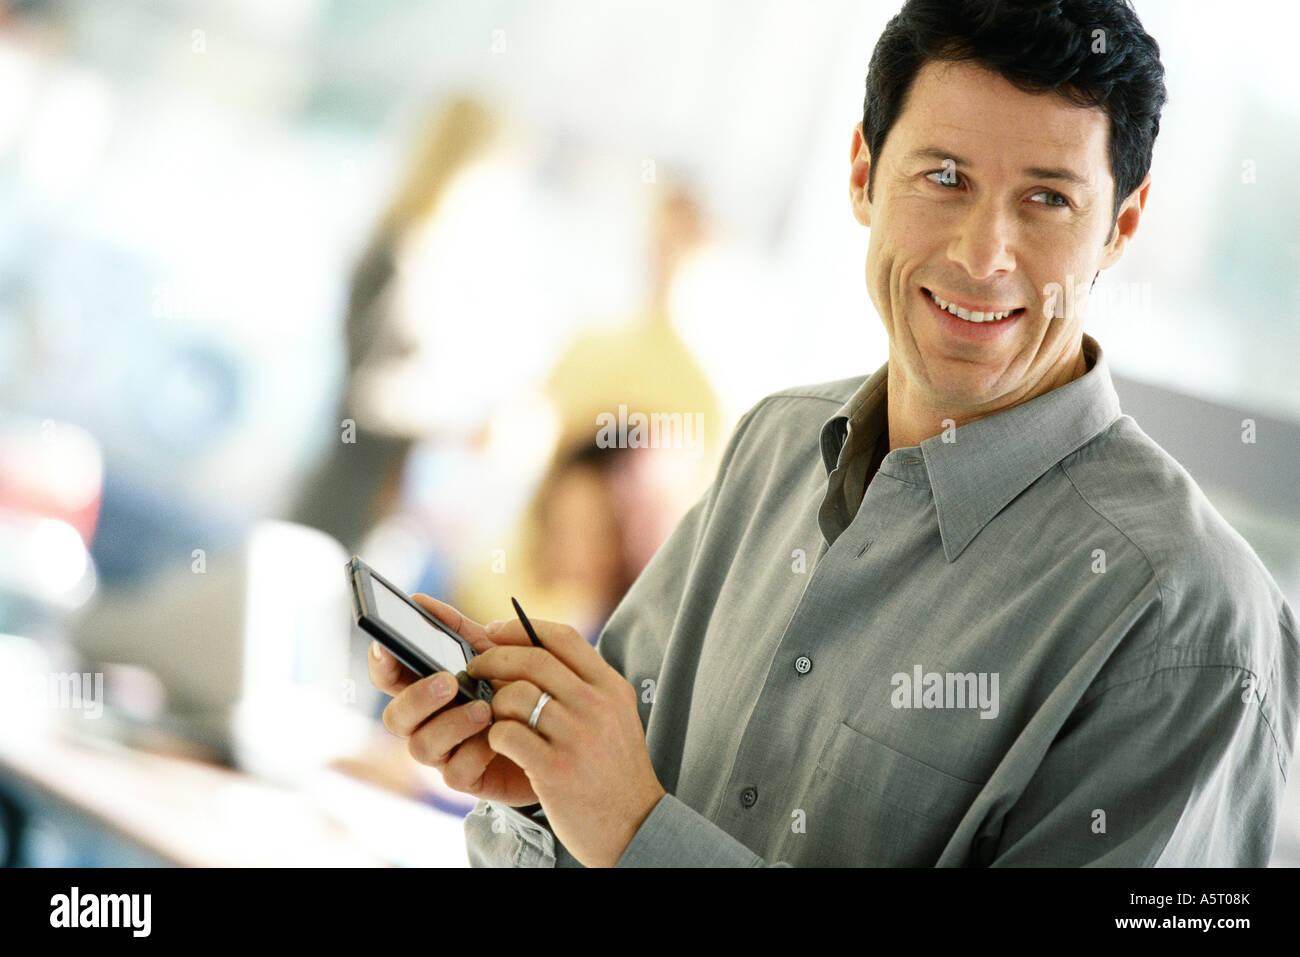 Man using electronic organizer, smiling - Stock Image